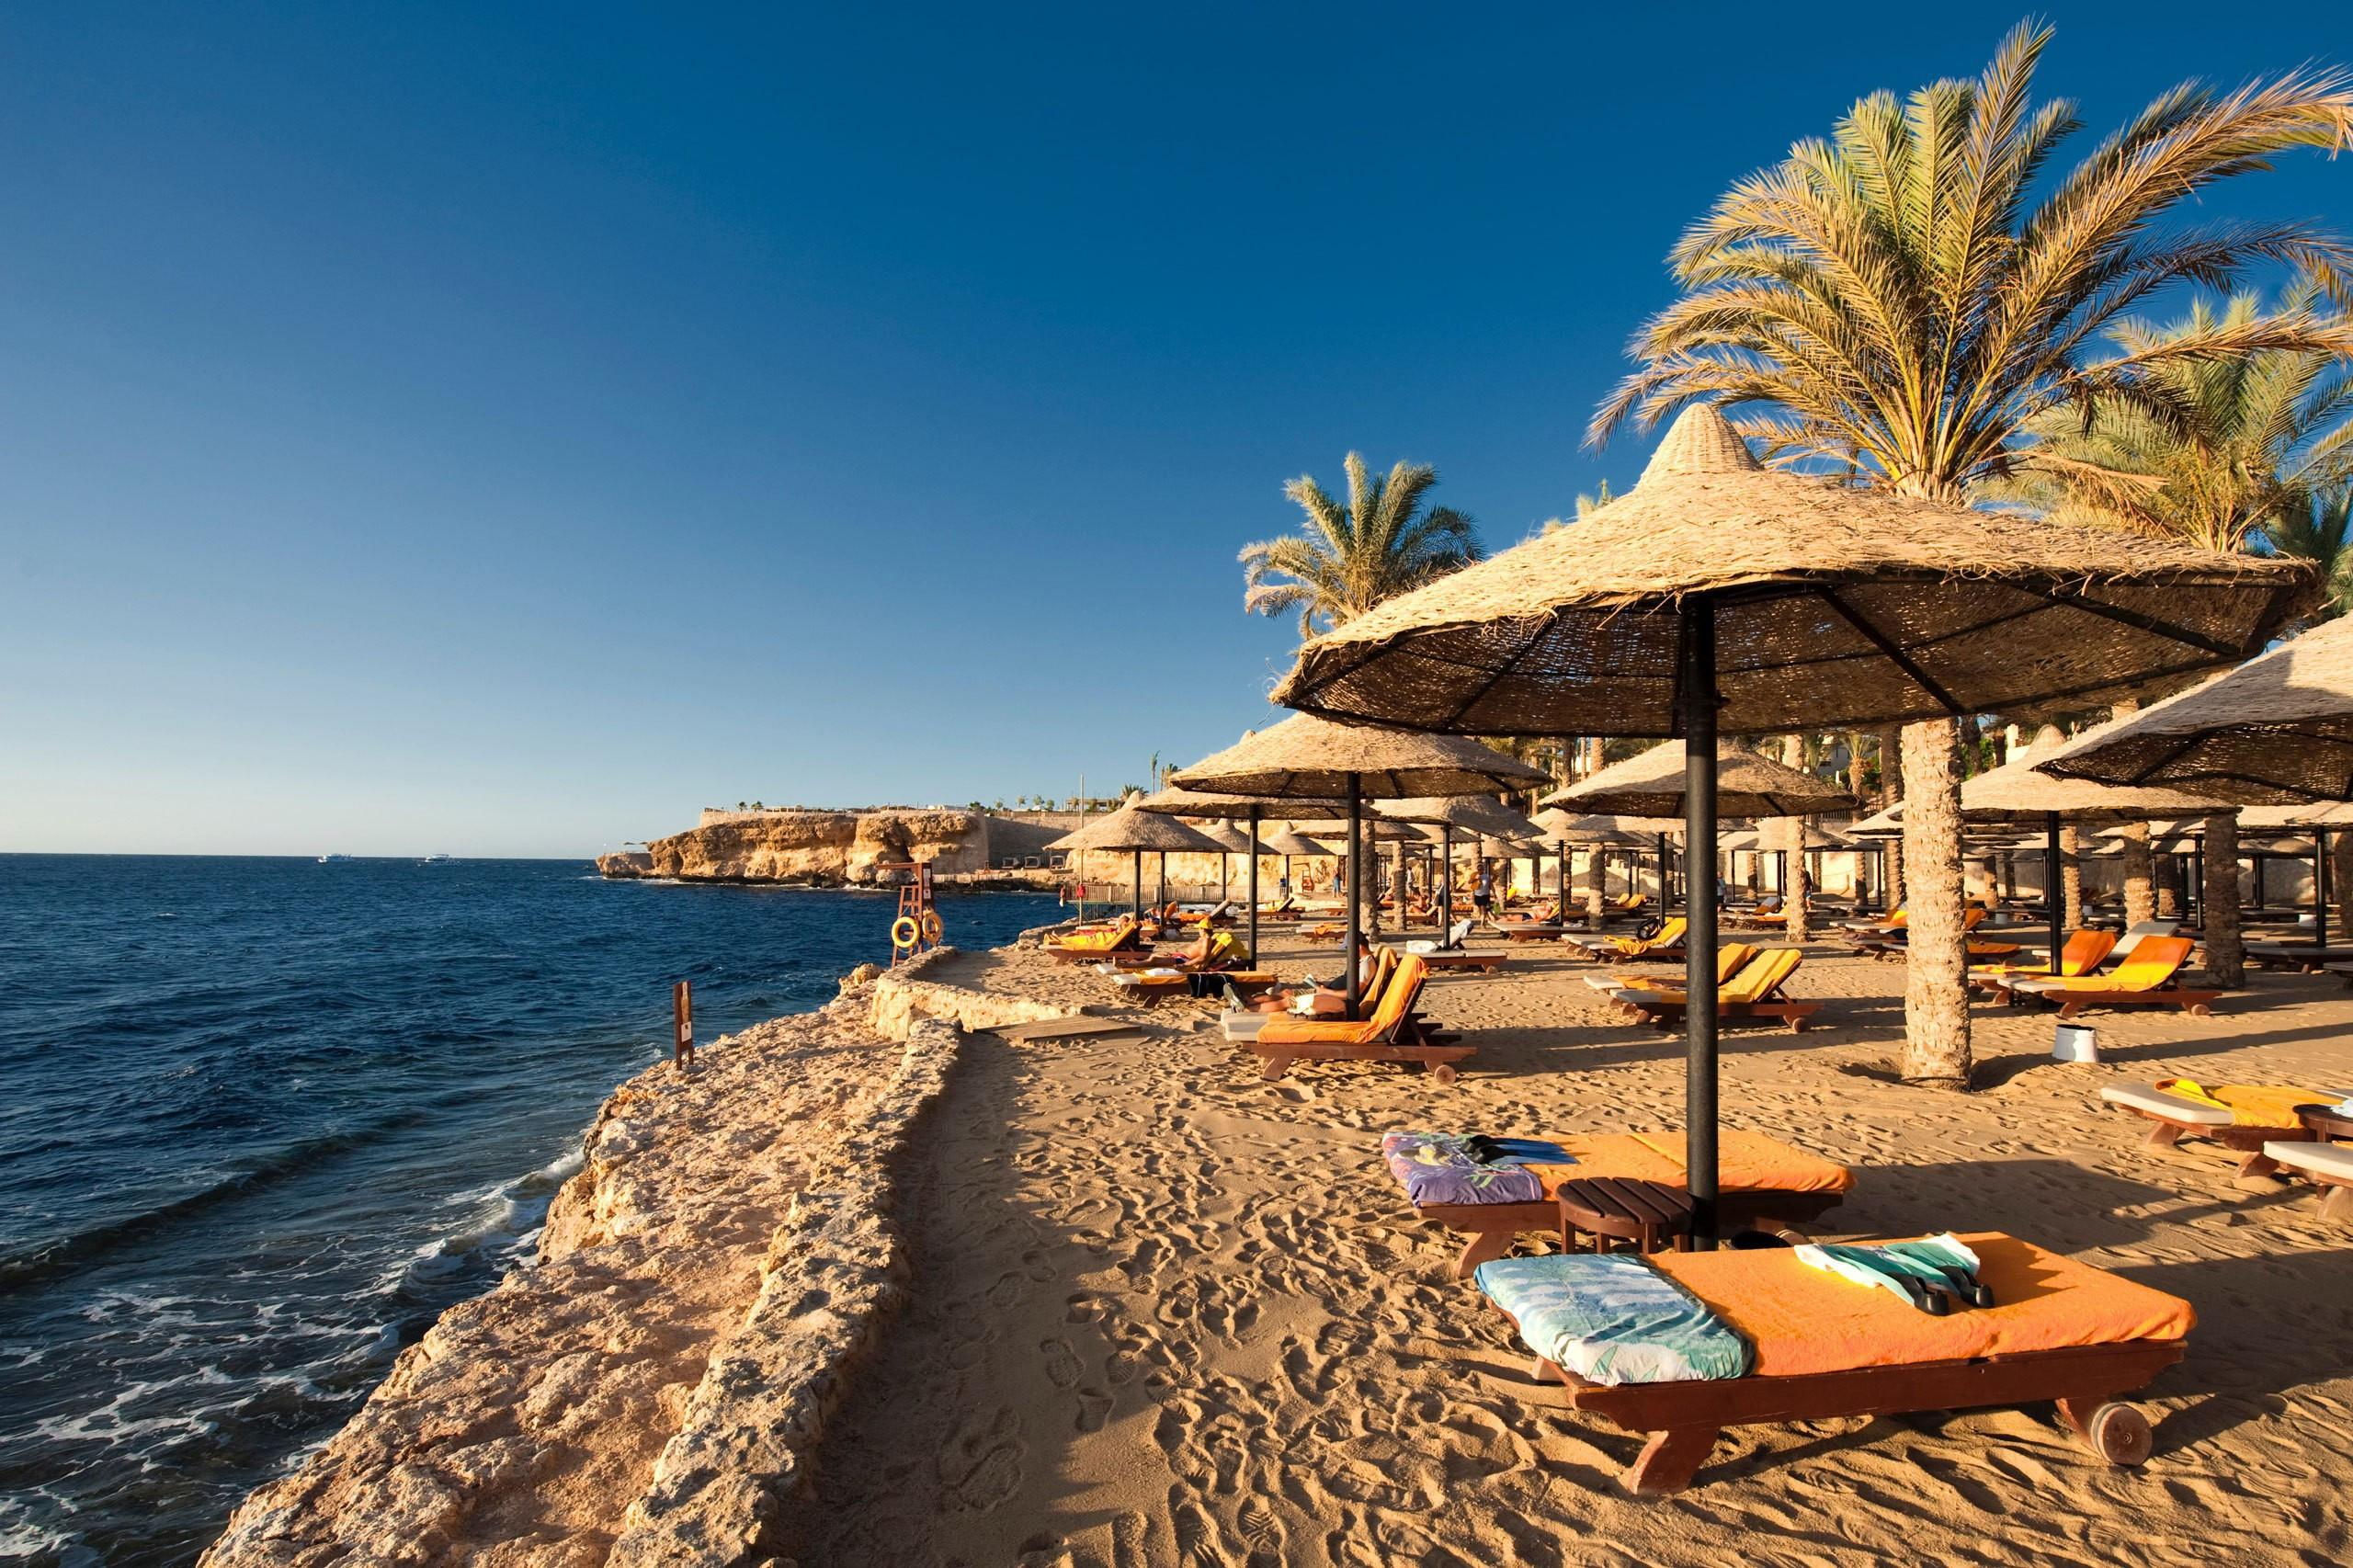 Фото пляжа в Катаре